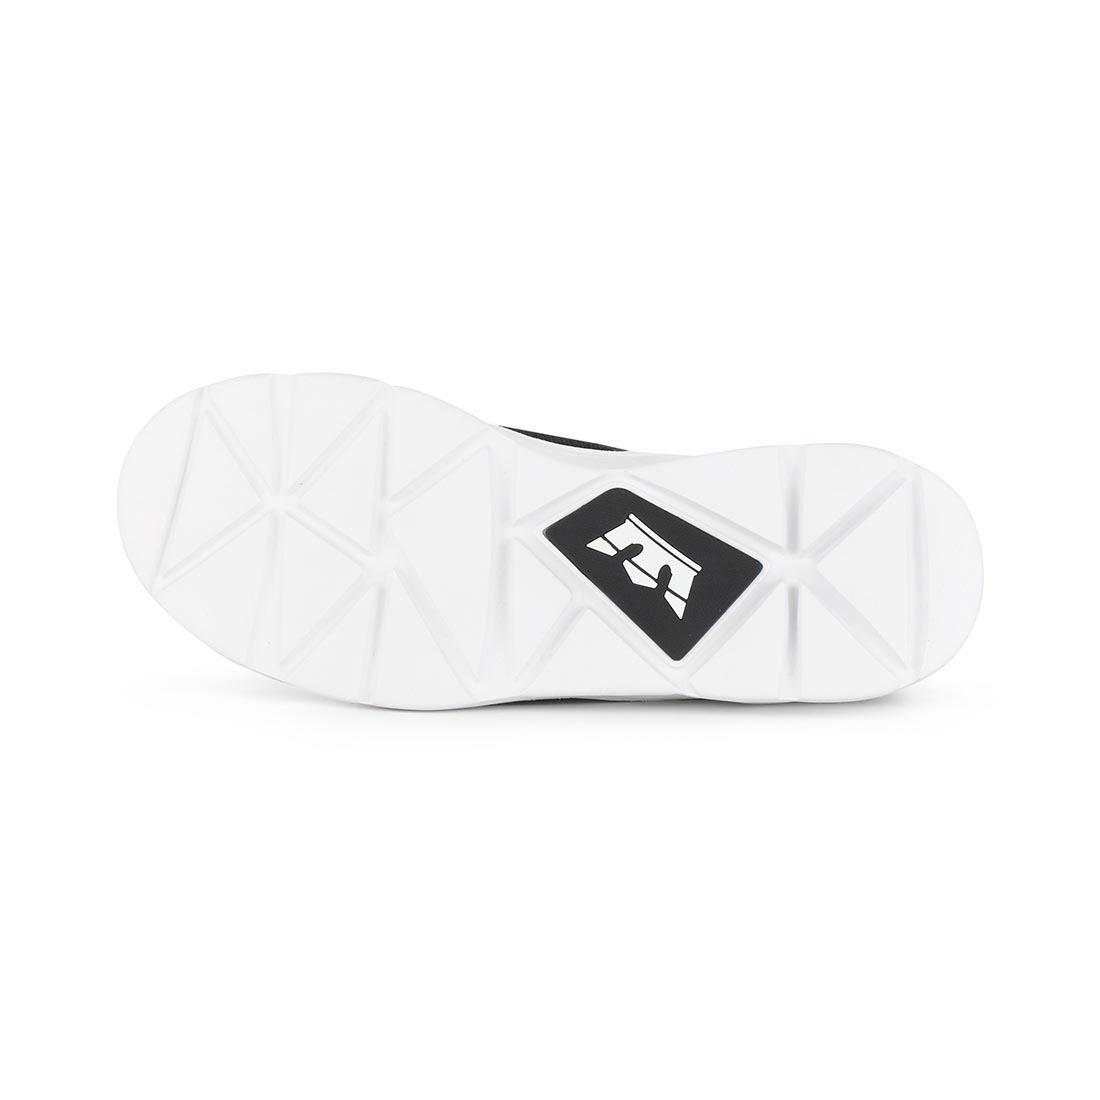 Supra Shoes Noiz - Black White